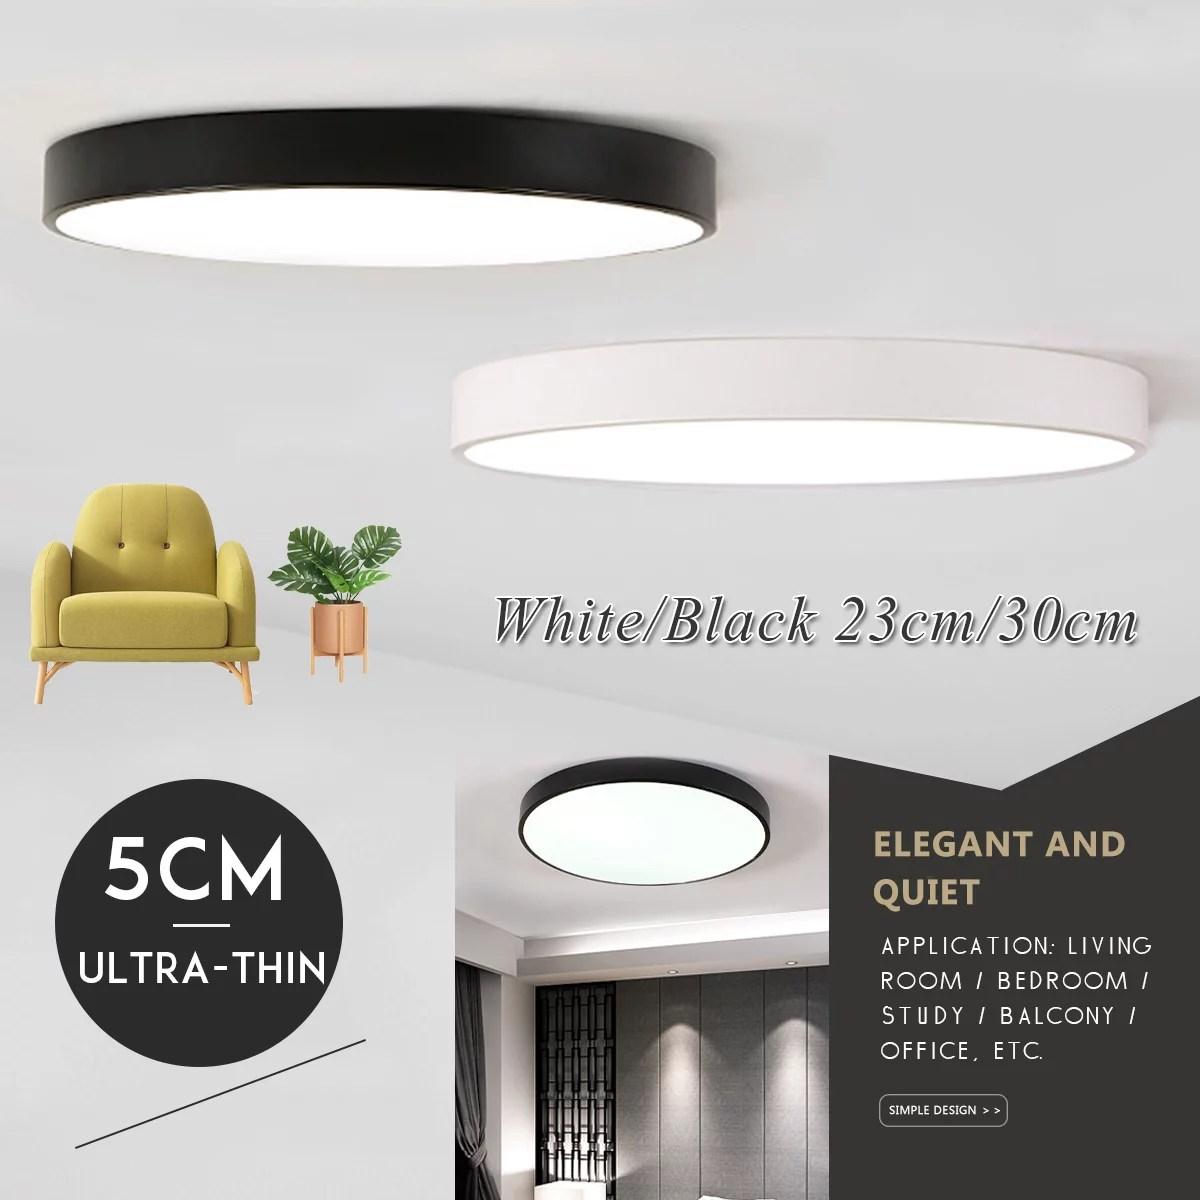 Led Flush Mount Ceiling Light Fixtures Clearance 9 Inch For Home Kitchen Bathroom Bedroom Living Room Lighting 6000k 6500k Walmart Com Walmart Com